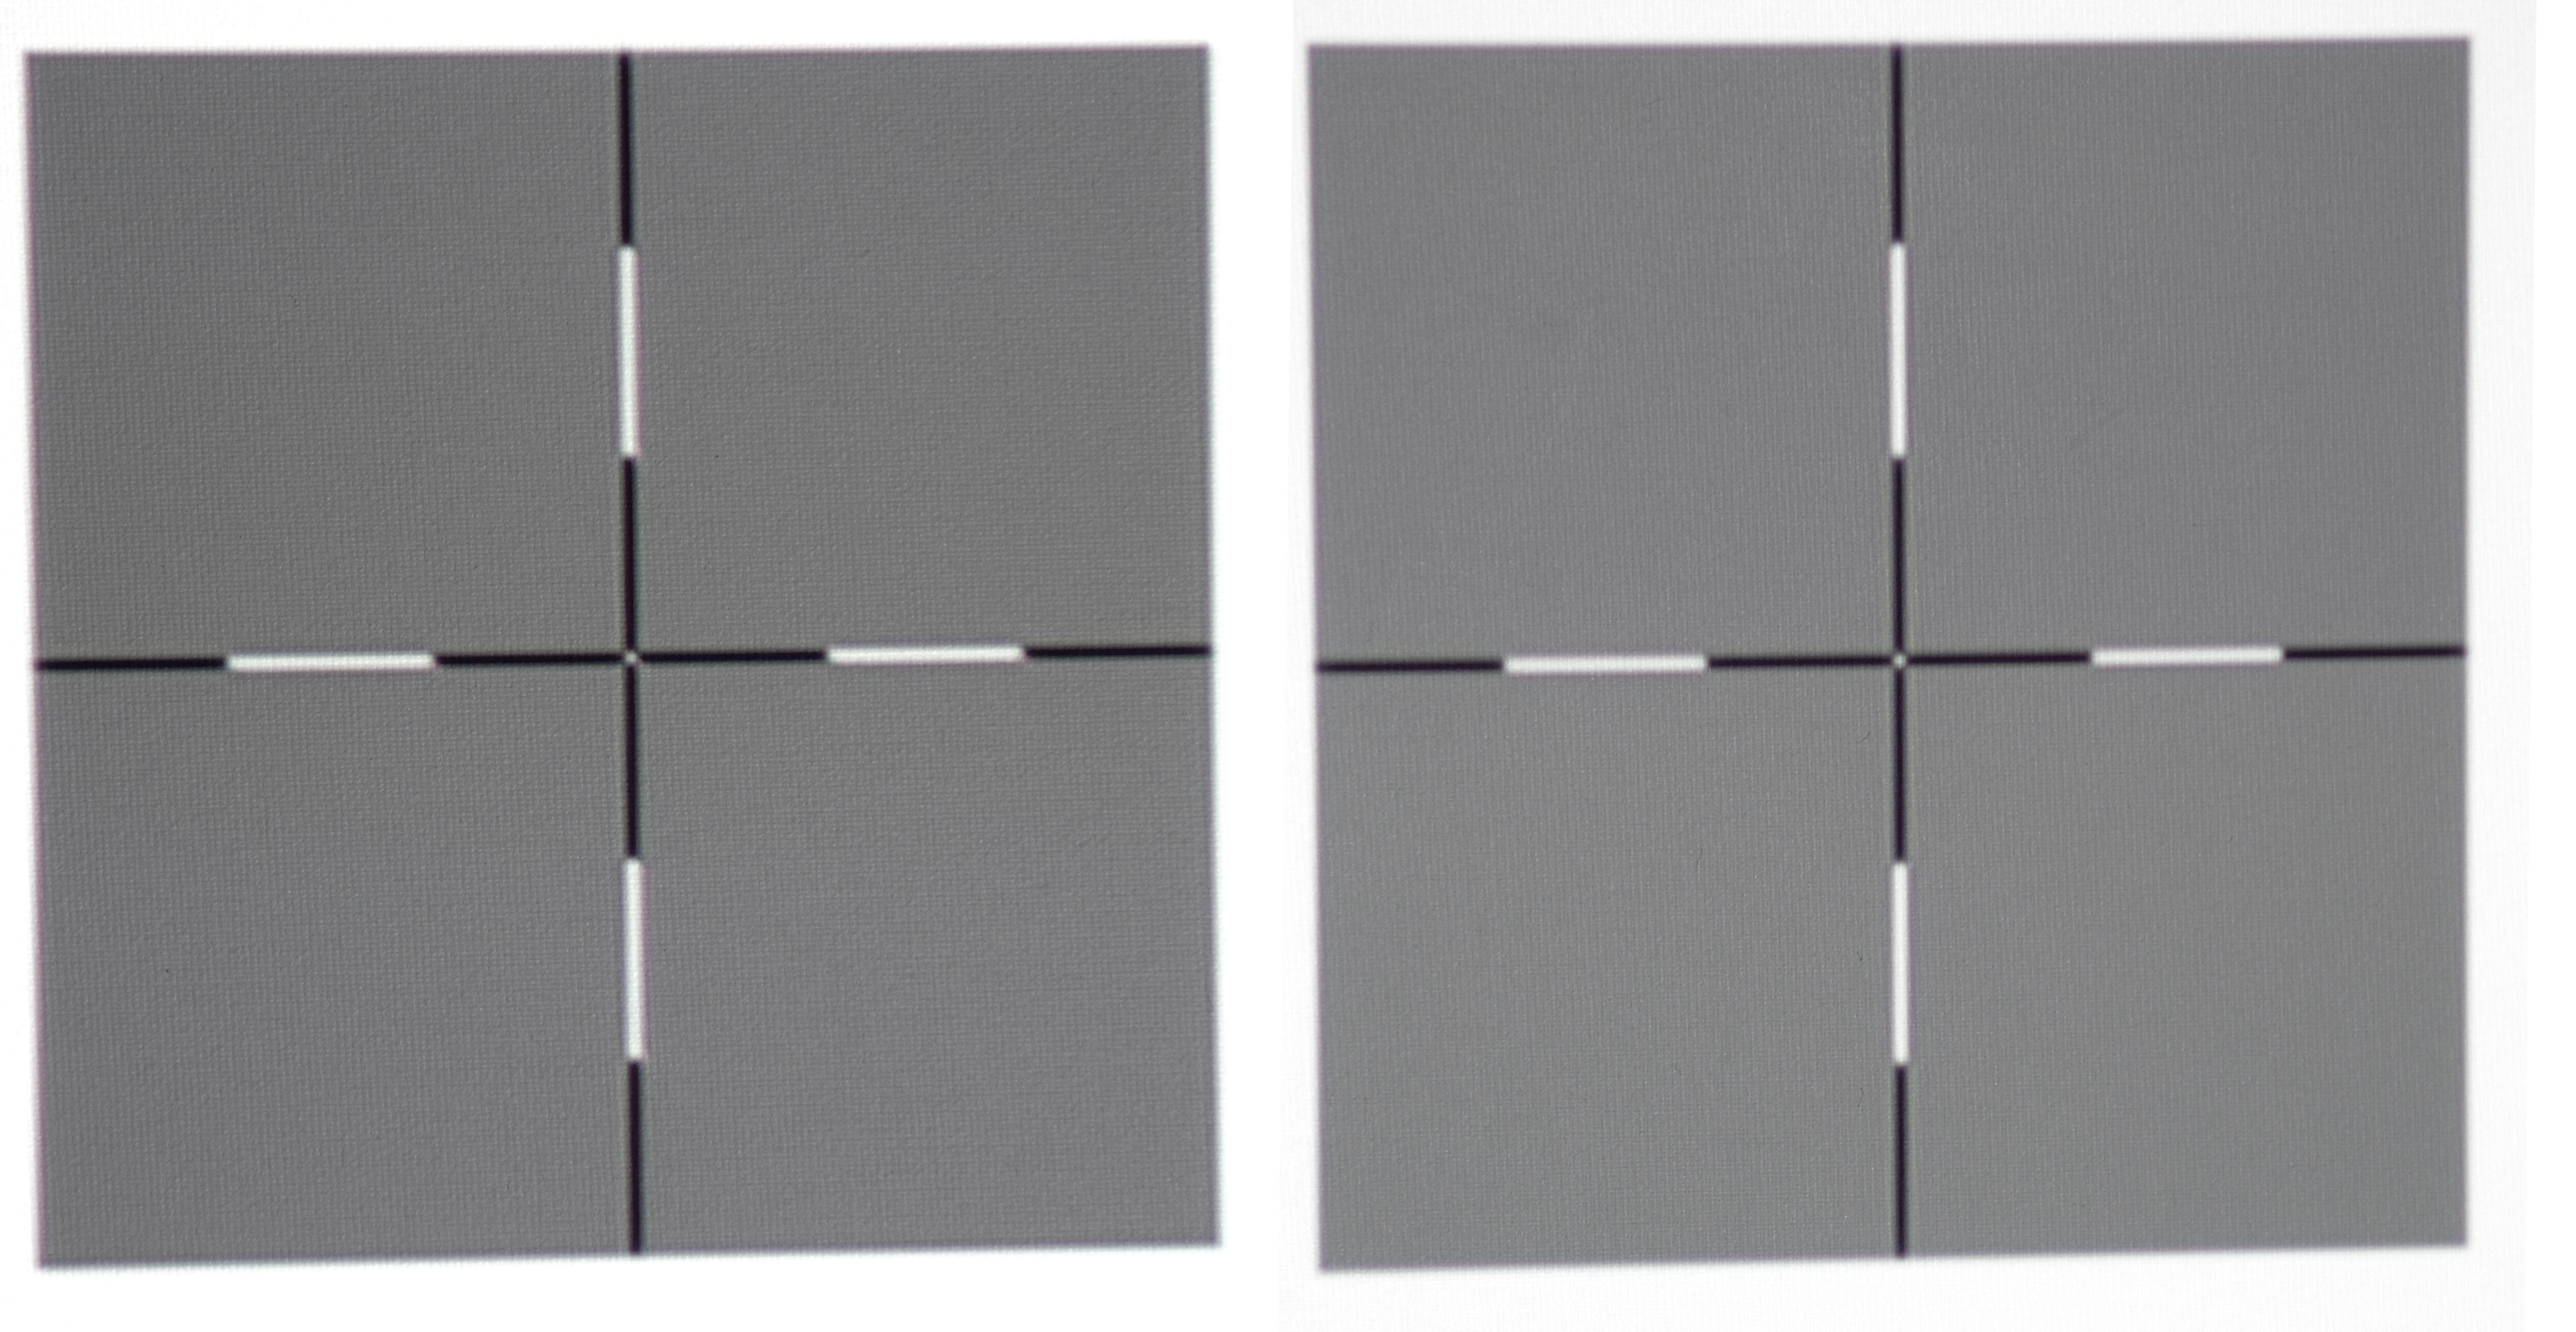 Ausleuchtung: Wie gleichmäßig der BenQ W1700 sein Licht auf die Leinwand wirft, offenbart mein Uniformity-Testbild. Das Kreuz in Pixelauflösung am linken Bildrand (Kreuz links) unterscheidet sich kaum vom Kreuz, das auf dem Testbild in der Bildmitte (Kreuz rechts) dargestellt wird.